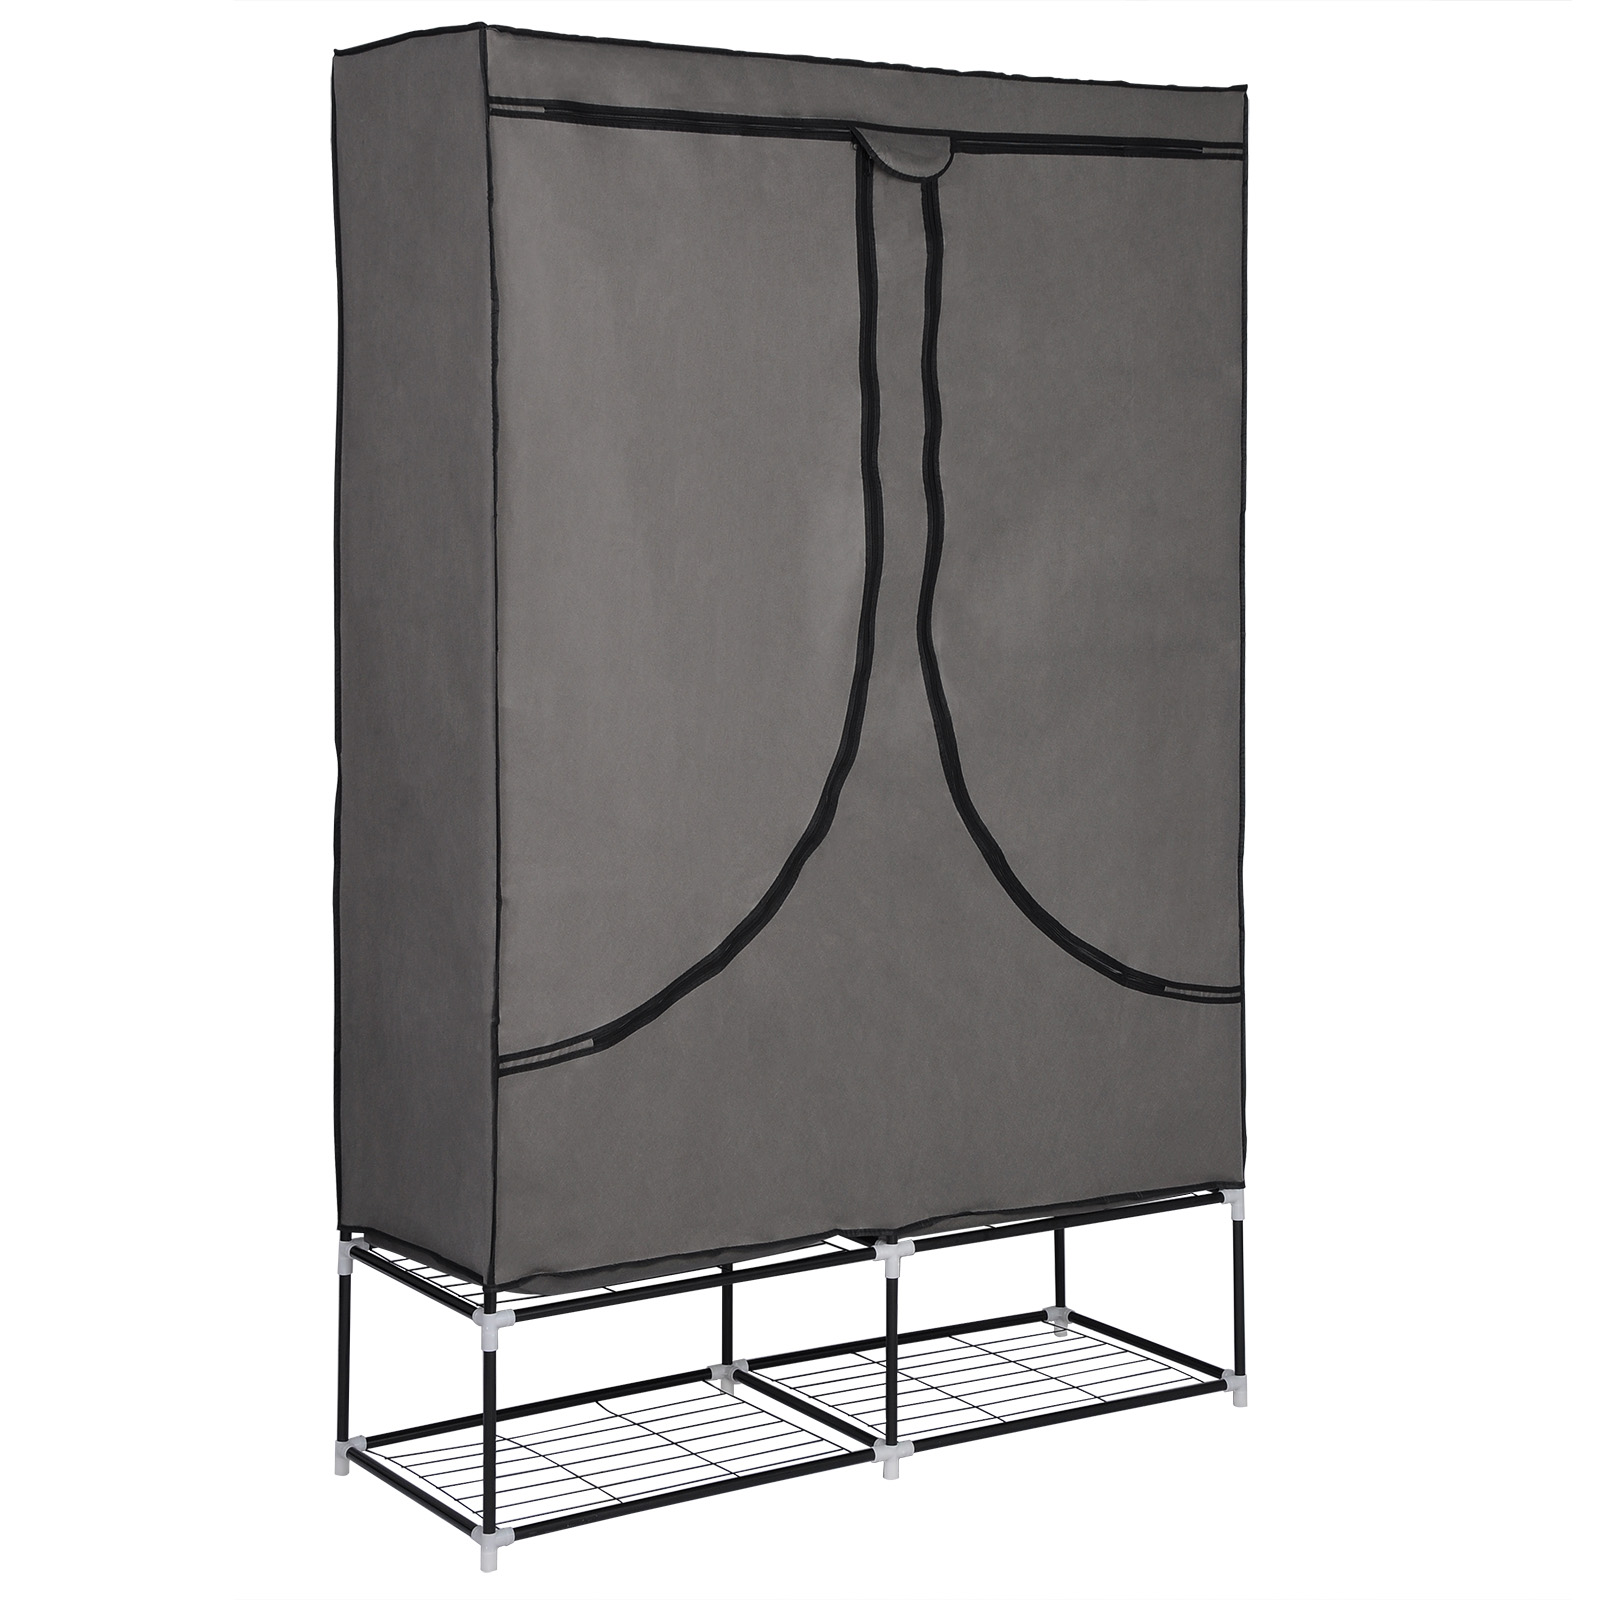 kleiderst nder kleiderstange garderobenst nder ablage korb w schesammler sr0029. Black Bedroom Furniture Sets. Home Design Ideas